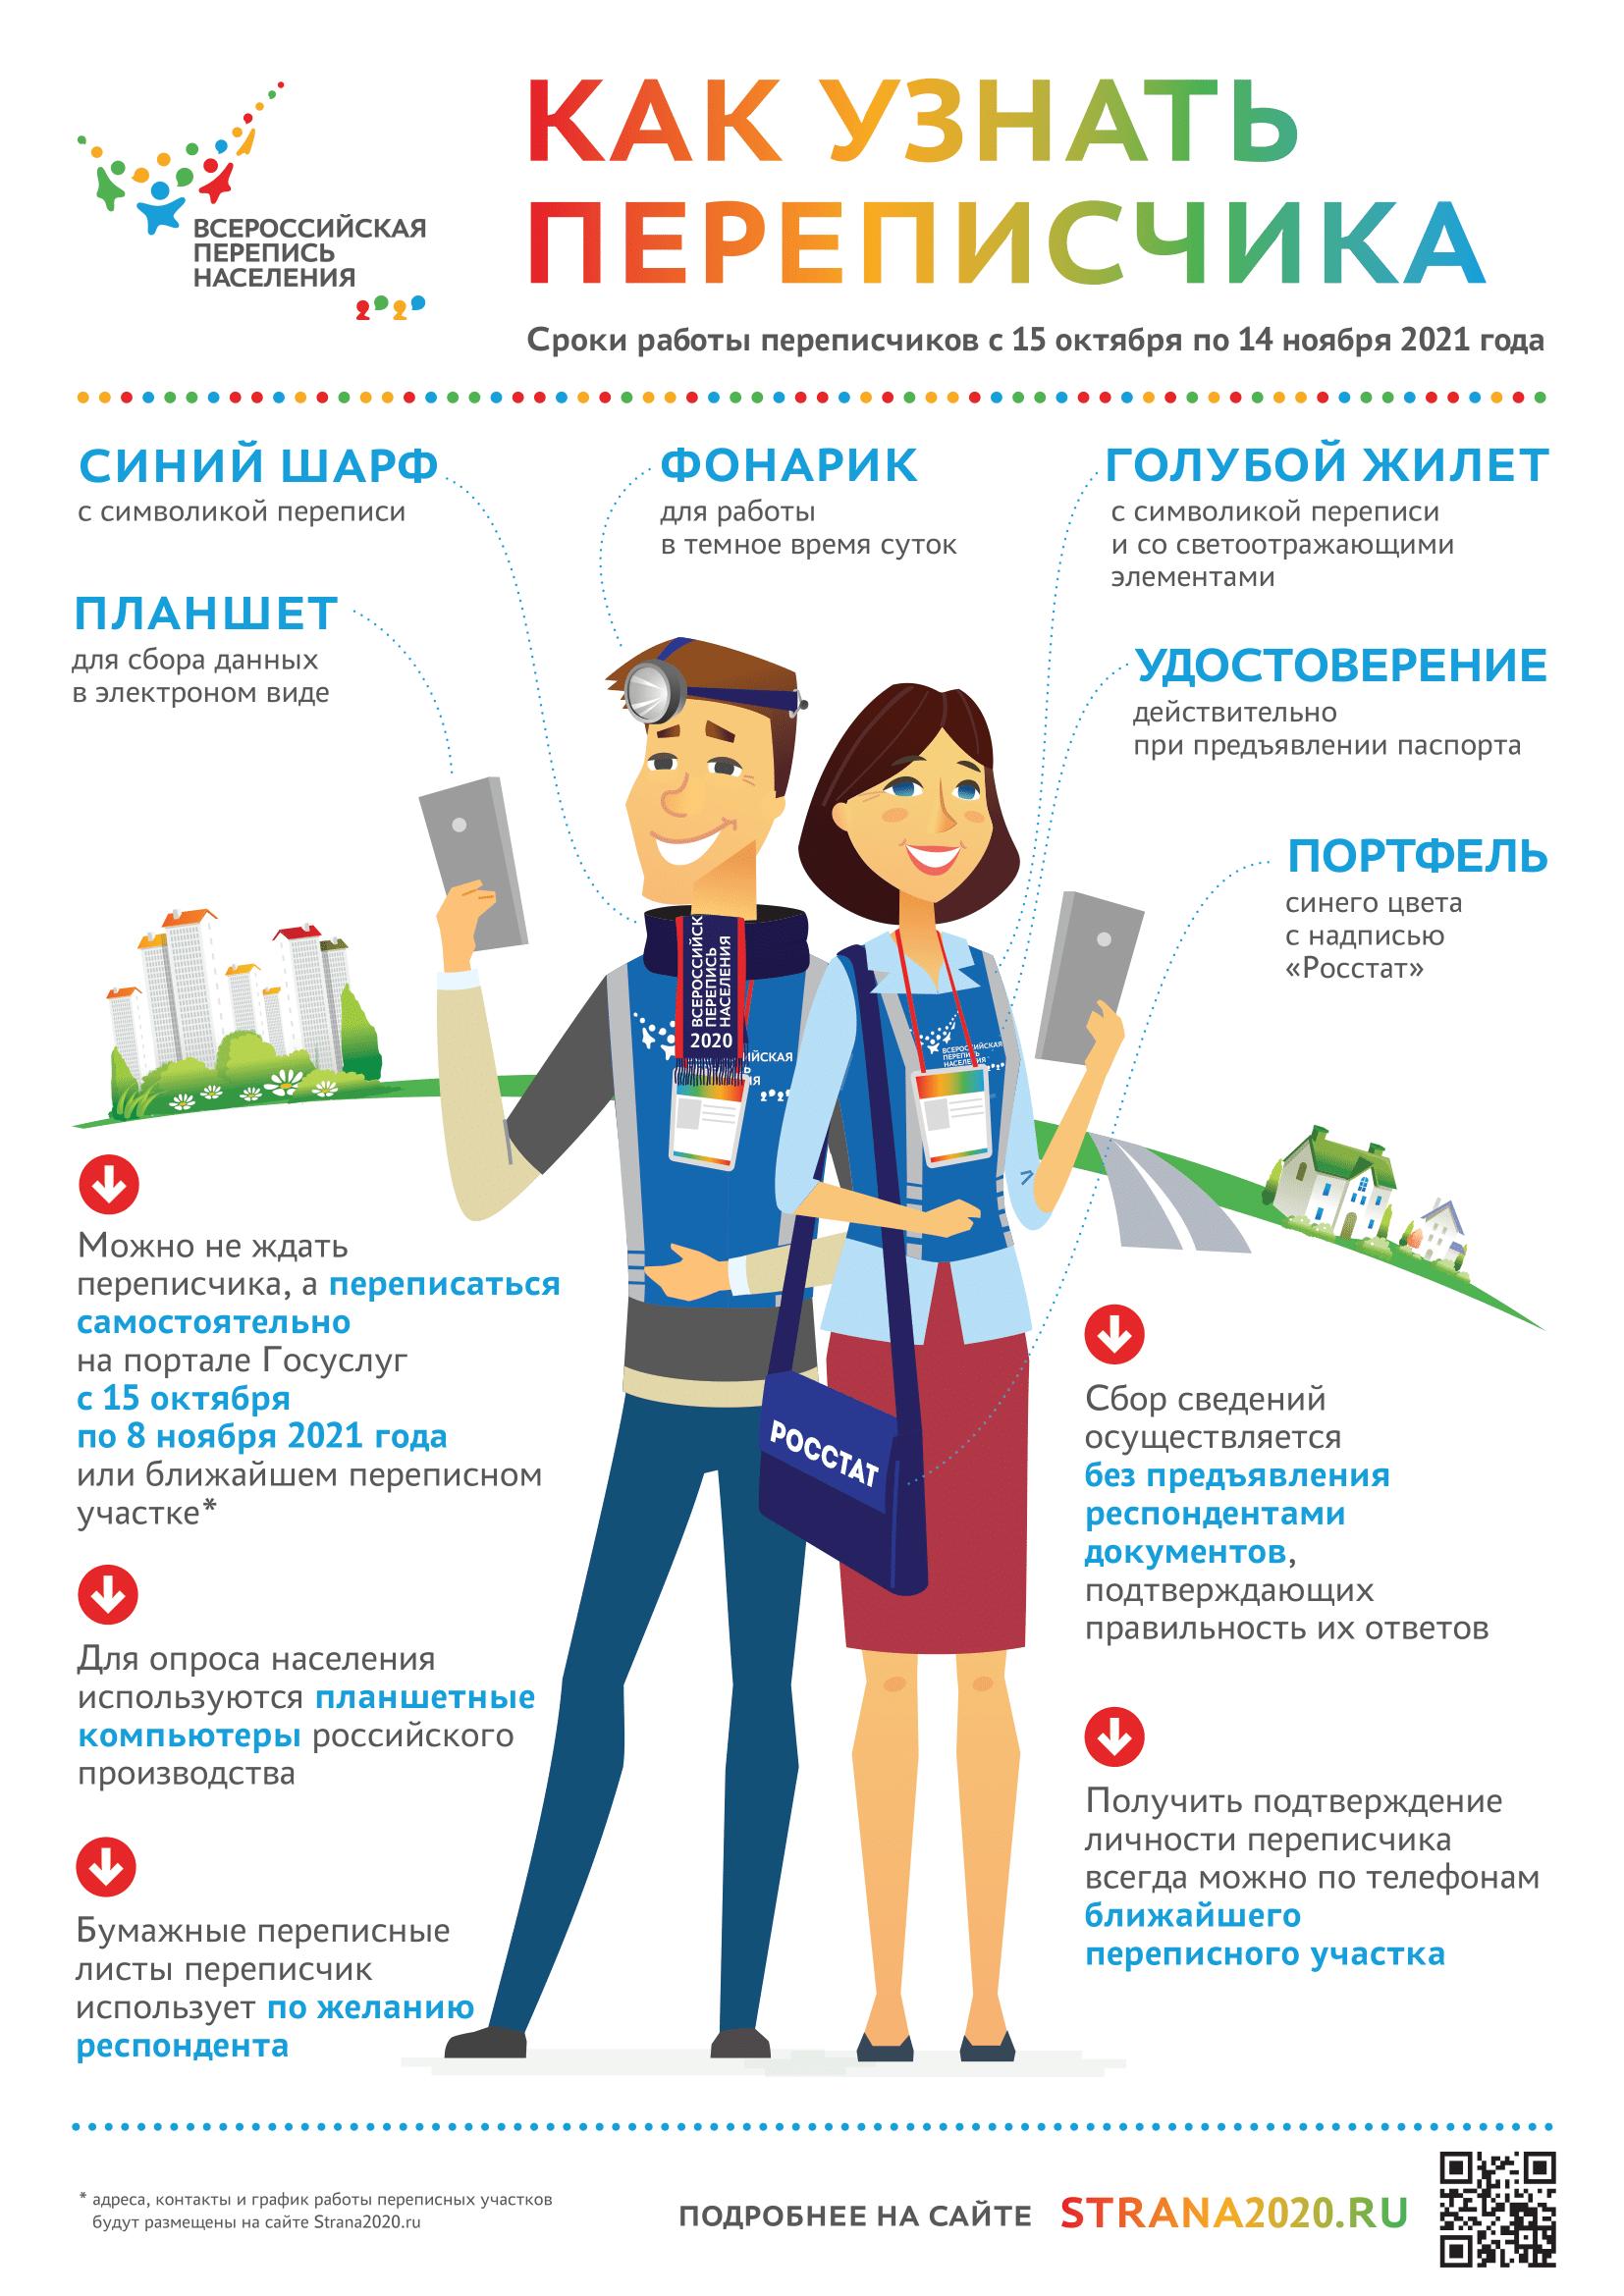 Фото Всероссийская перепись населения: когда начинается, можно ли не пускать переписчиков в квартиру 4